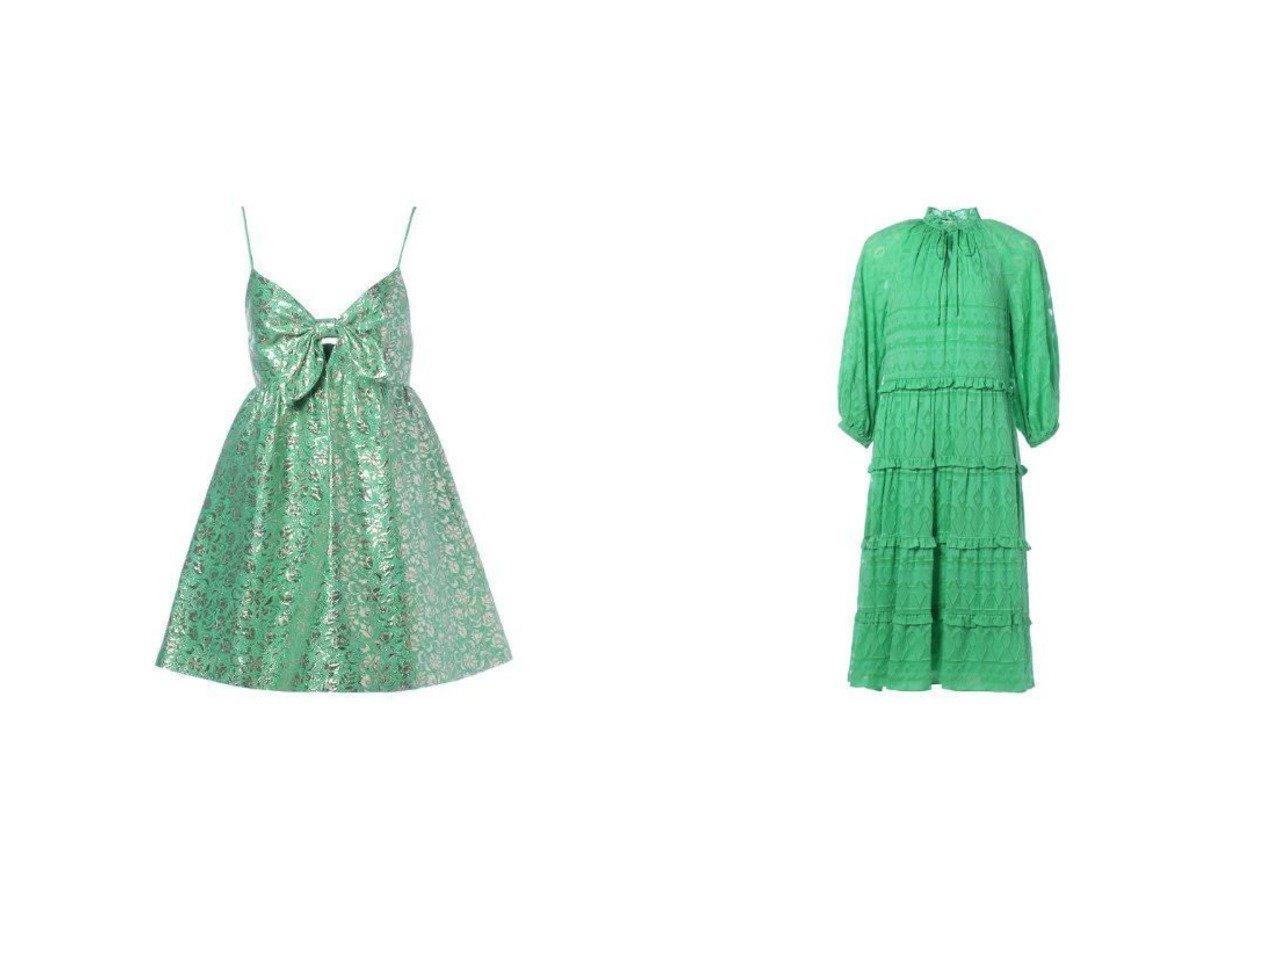 【ALICE+OLIVIA/アリス アンド オリビア】のMELVINA BABYDOLL DRESS&LAYLA MIDI DRESS ワンピース・ドレスのおすすめ!人気、トレンド・レディースファッションの通販 おすすめで人気の流行・トレンド、ファッションの通販商品 メンズファッション・キッズファッション・インテリア・家具・レディースファッション・服の通販 founy(ファニー) https://founy.com/ ファッション Fashion レディースファッション WOMEN ワンピース Dress ドレス Party Dresses ジャカード ドレス フォーマル フロント リボン スウィート スタイリッシュ フリル |ID:crp329100000016179